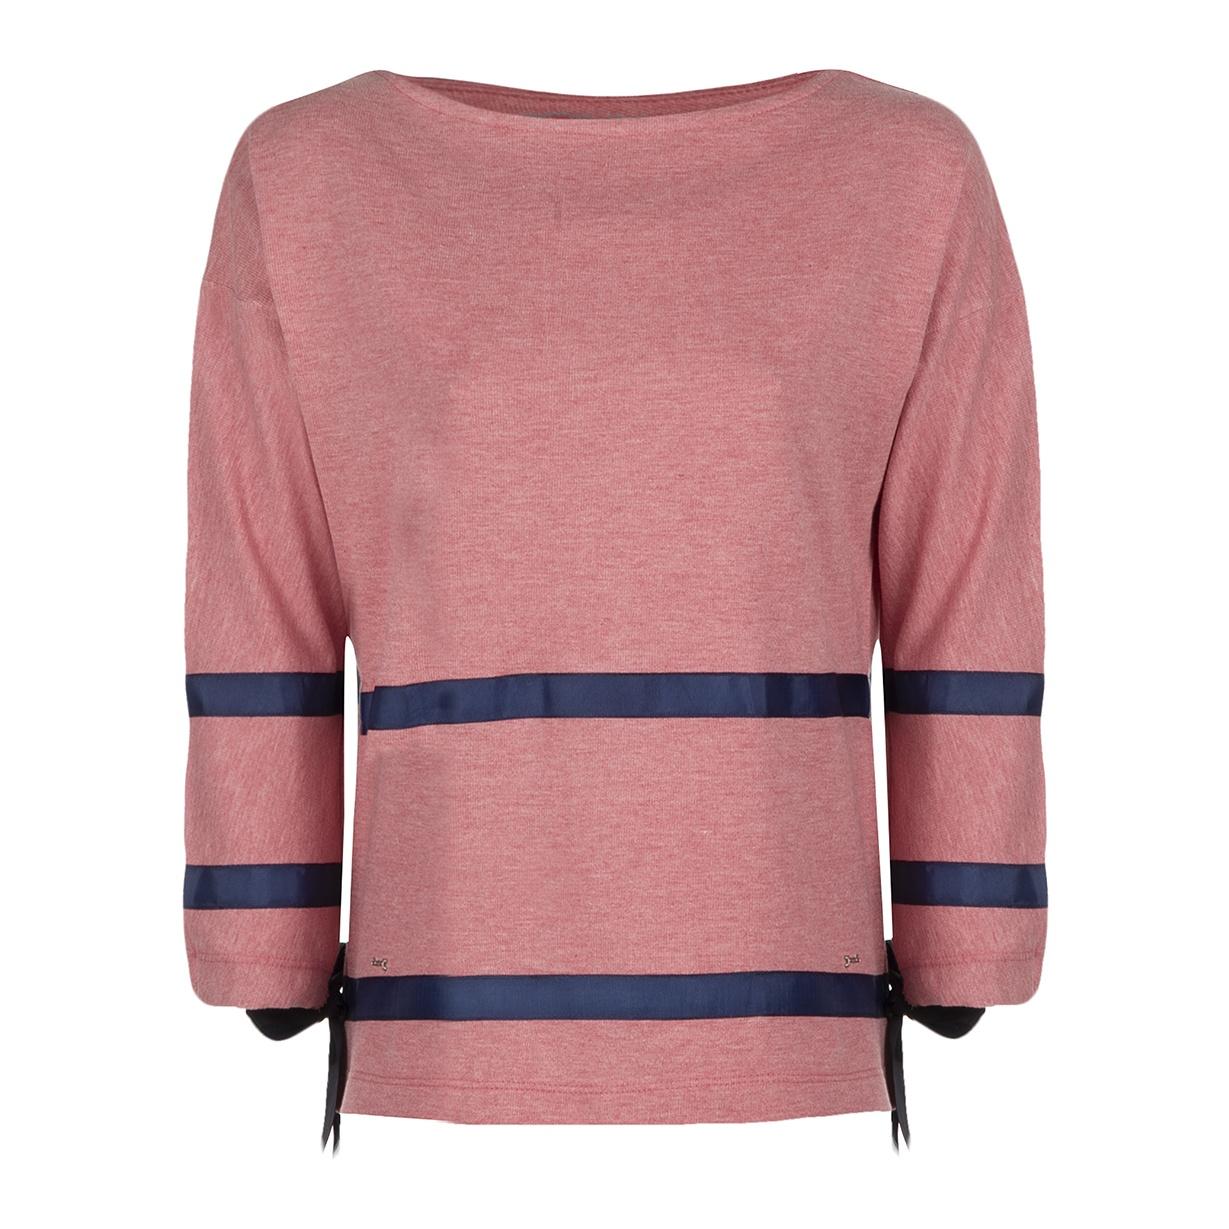 تی شرت زنانه گارودی مدل 1003107019-81